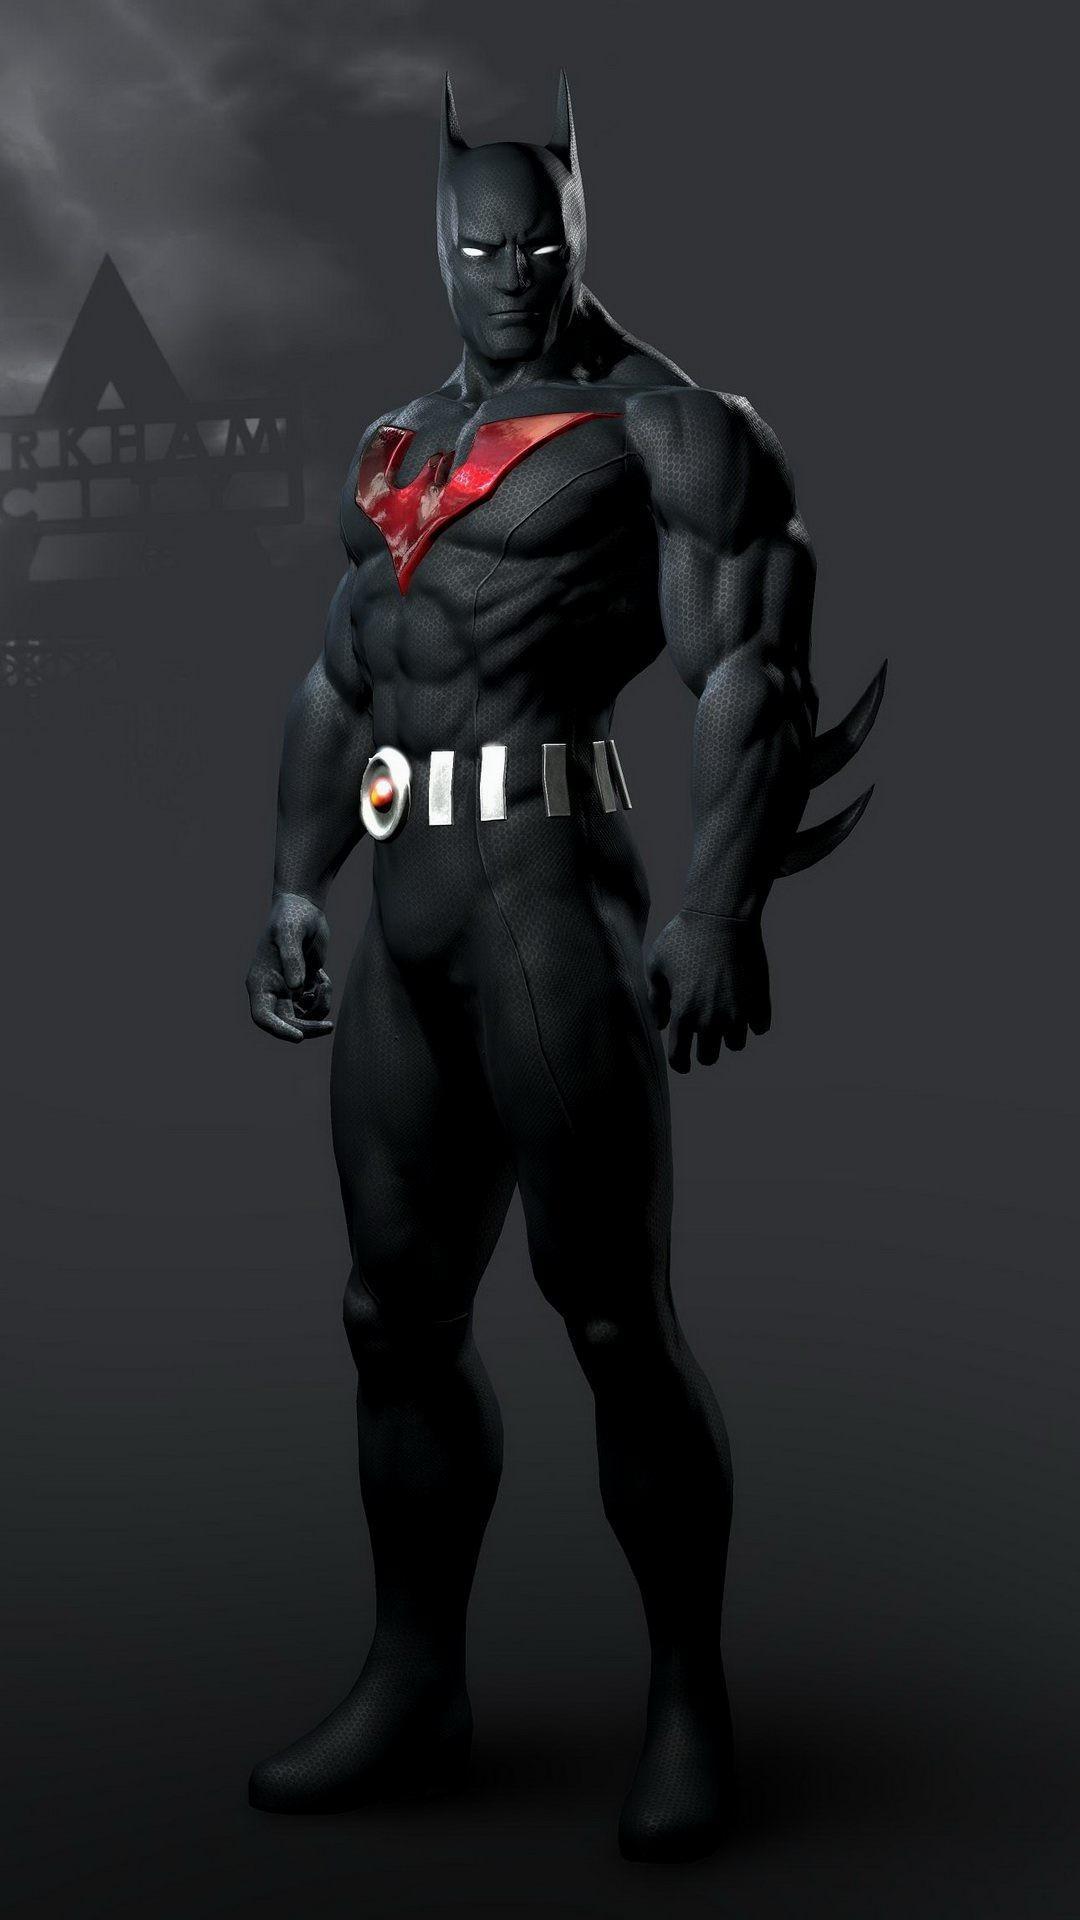 Batman Wallpapers batman wallpaper android 1080x1920 ...